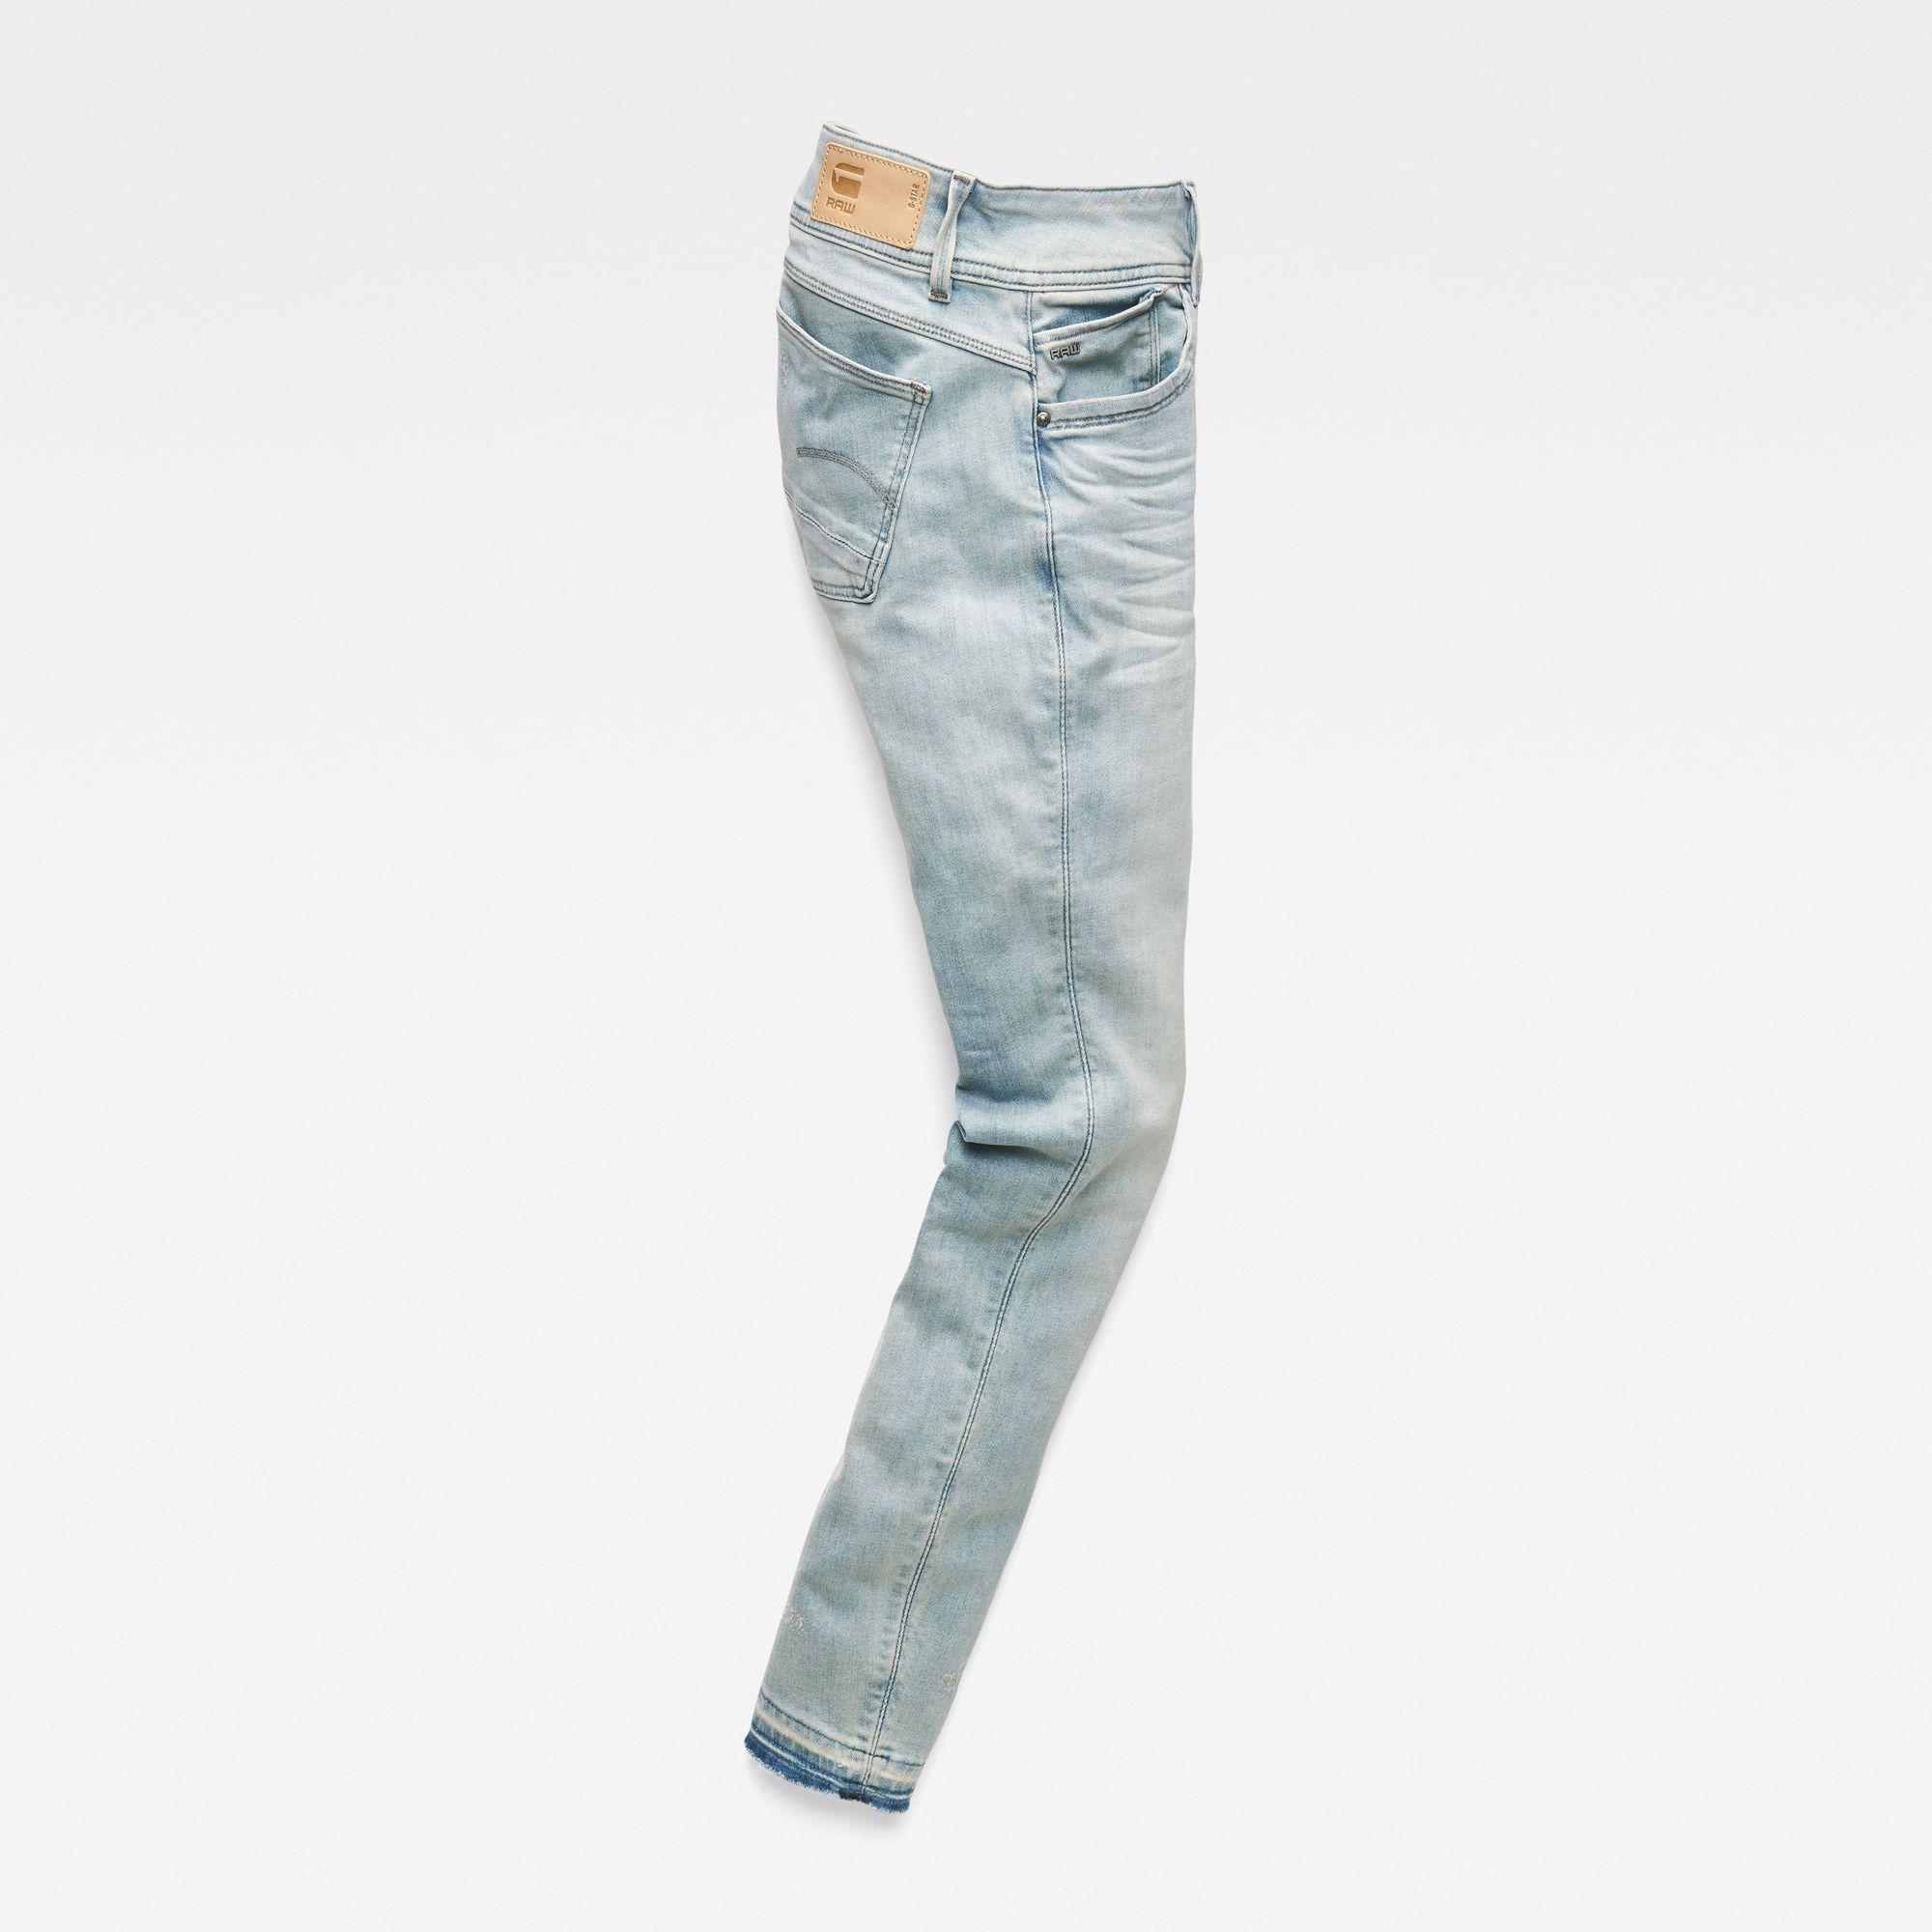 G-Star RAW Lynn Mid Waist Skinny Ripped Jeans